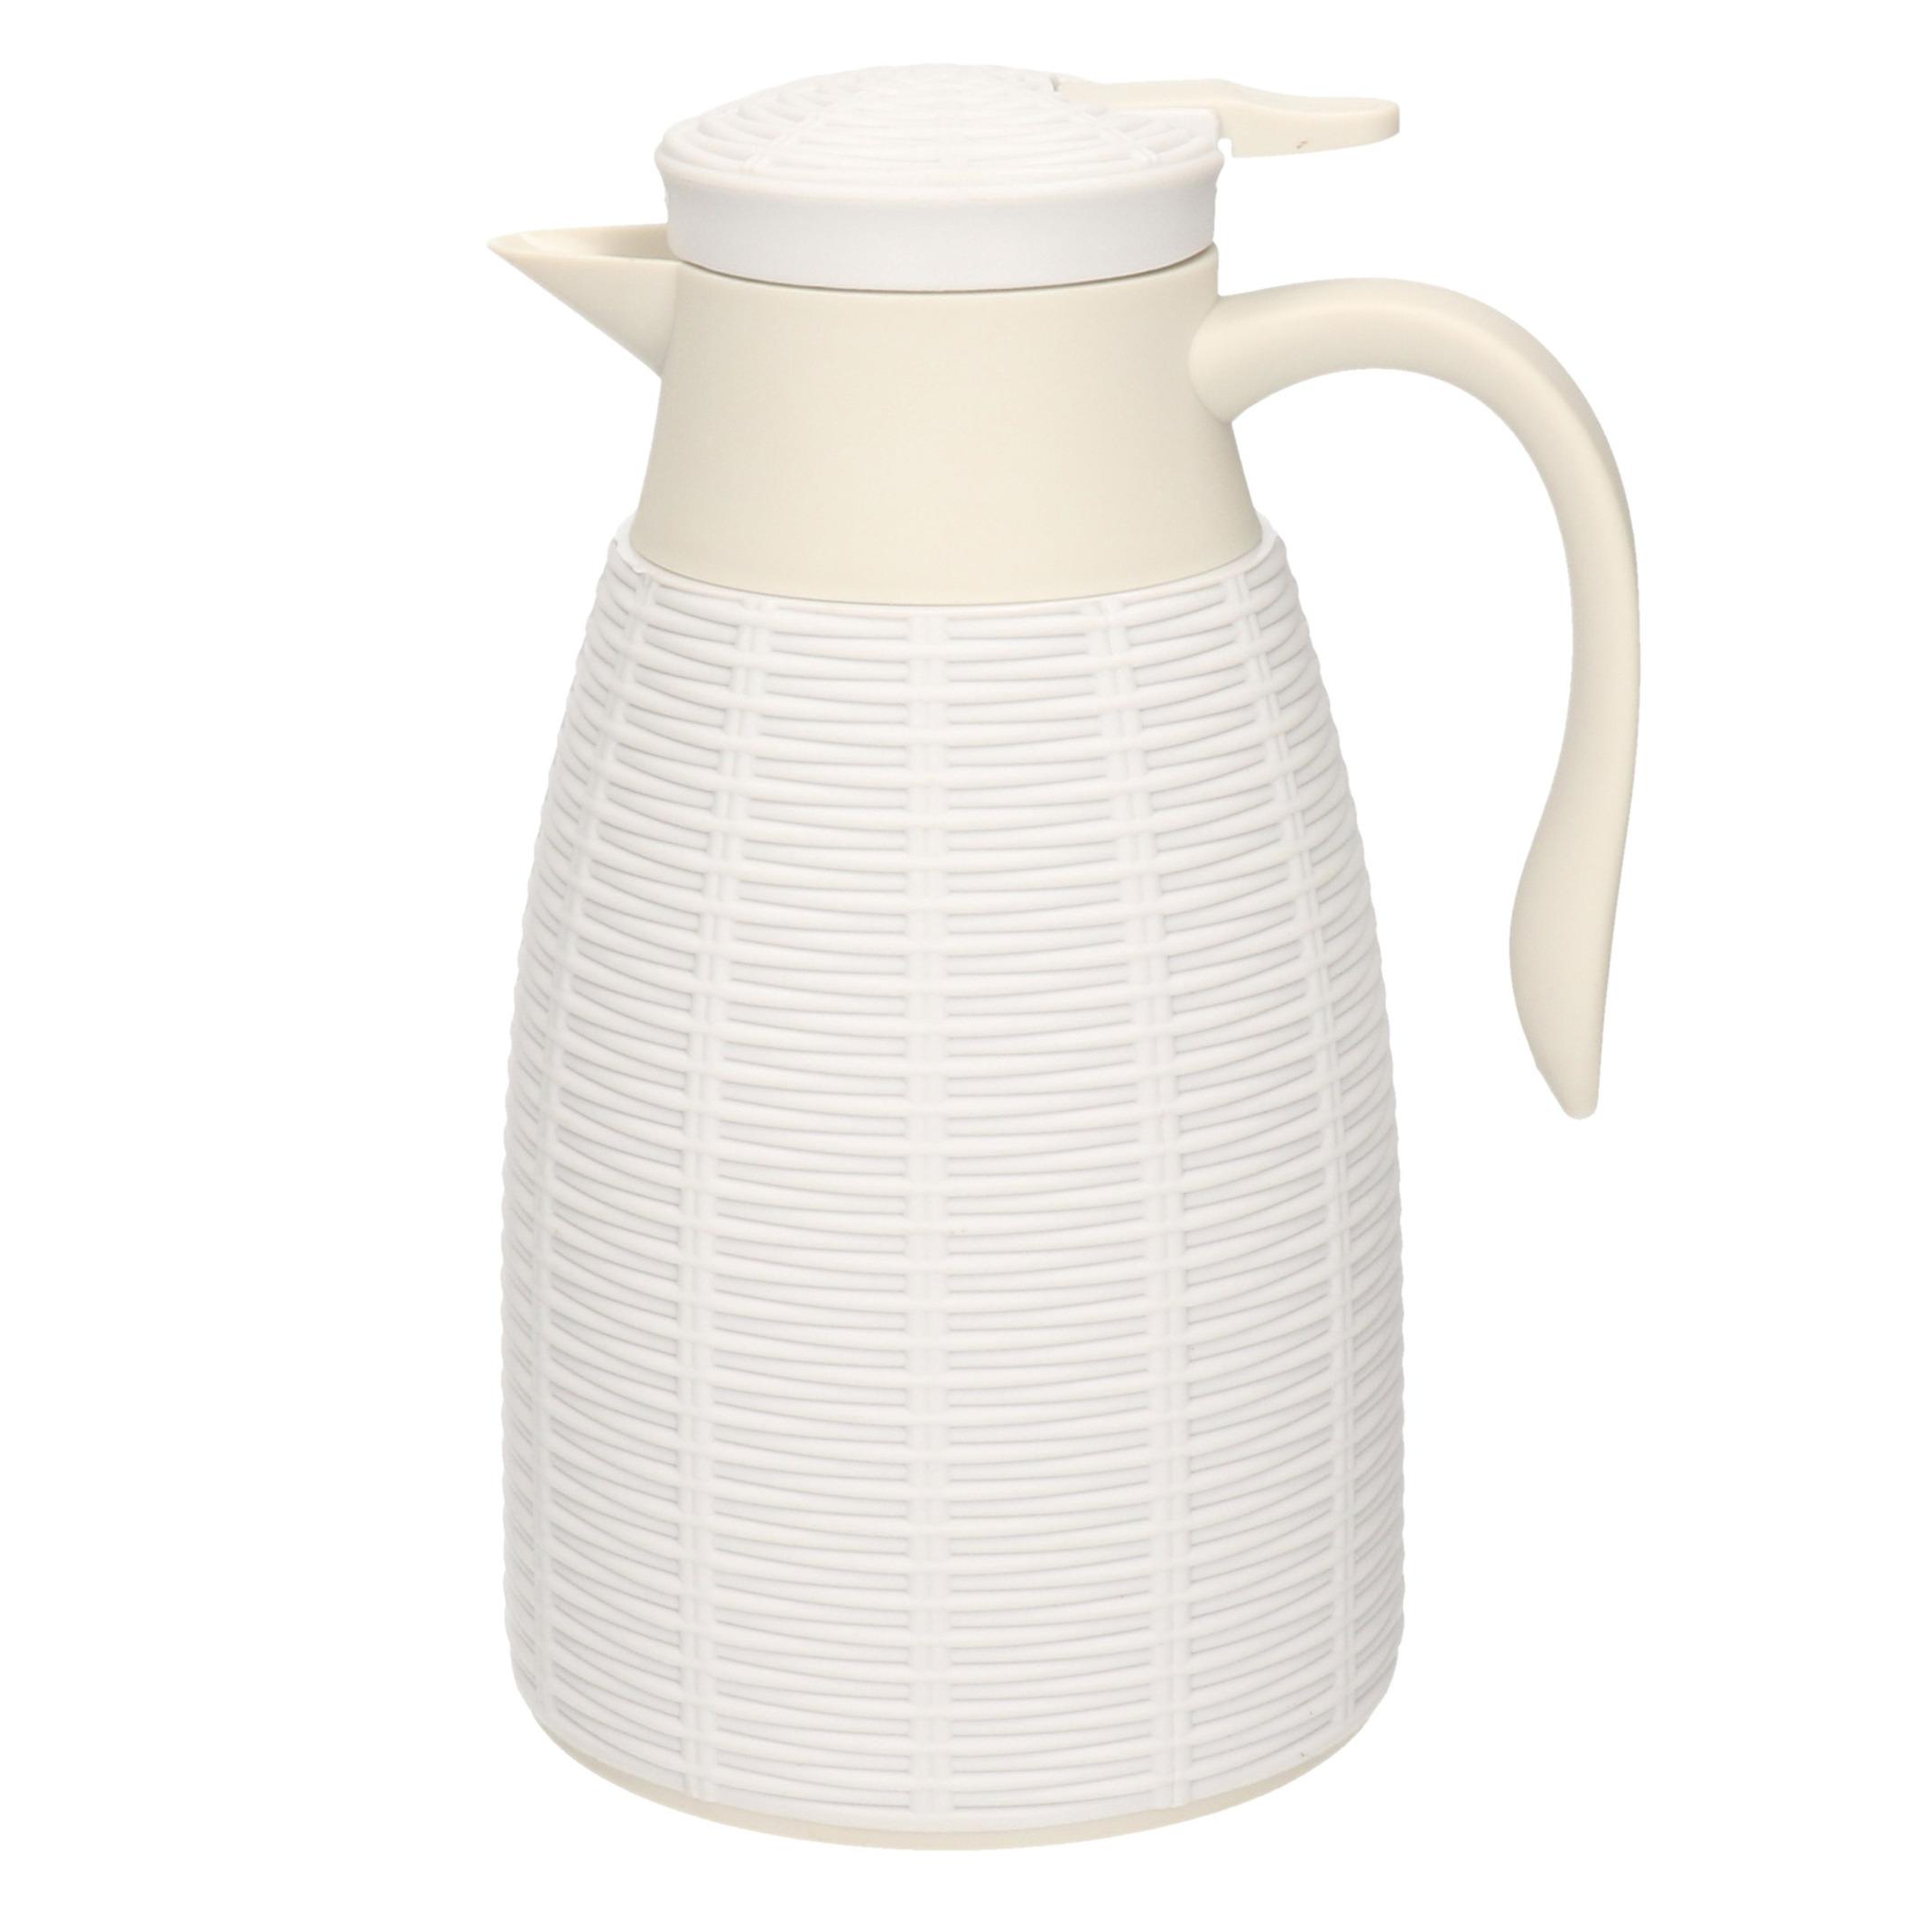 1x Witte rotan koffiekan/theekan 1 liter -